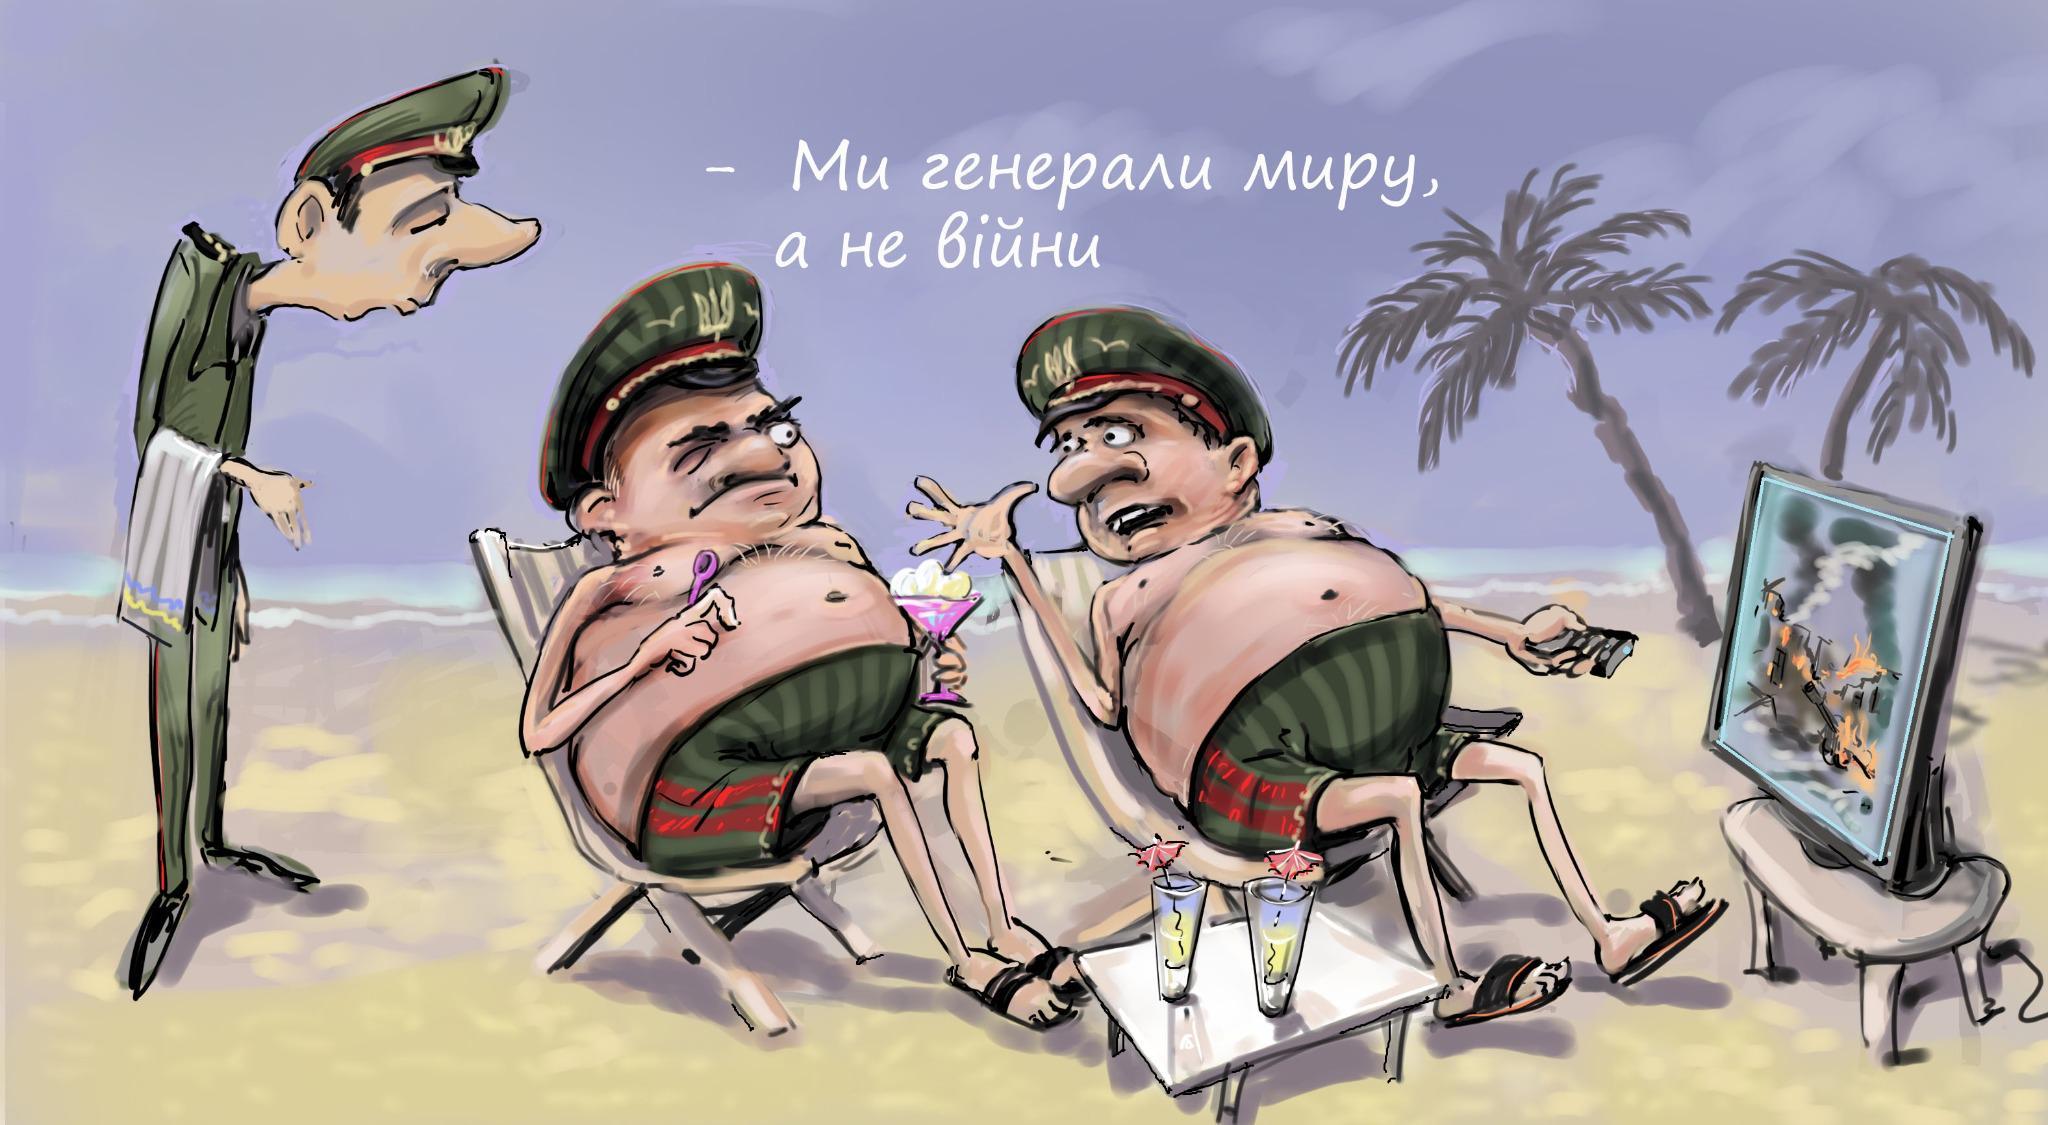 Порошенко надеется, что ЕС введет безвизовый режим для украинцев до конца 2015 года - Цензор.НЕТ 146